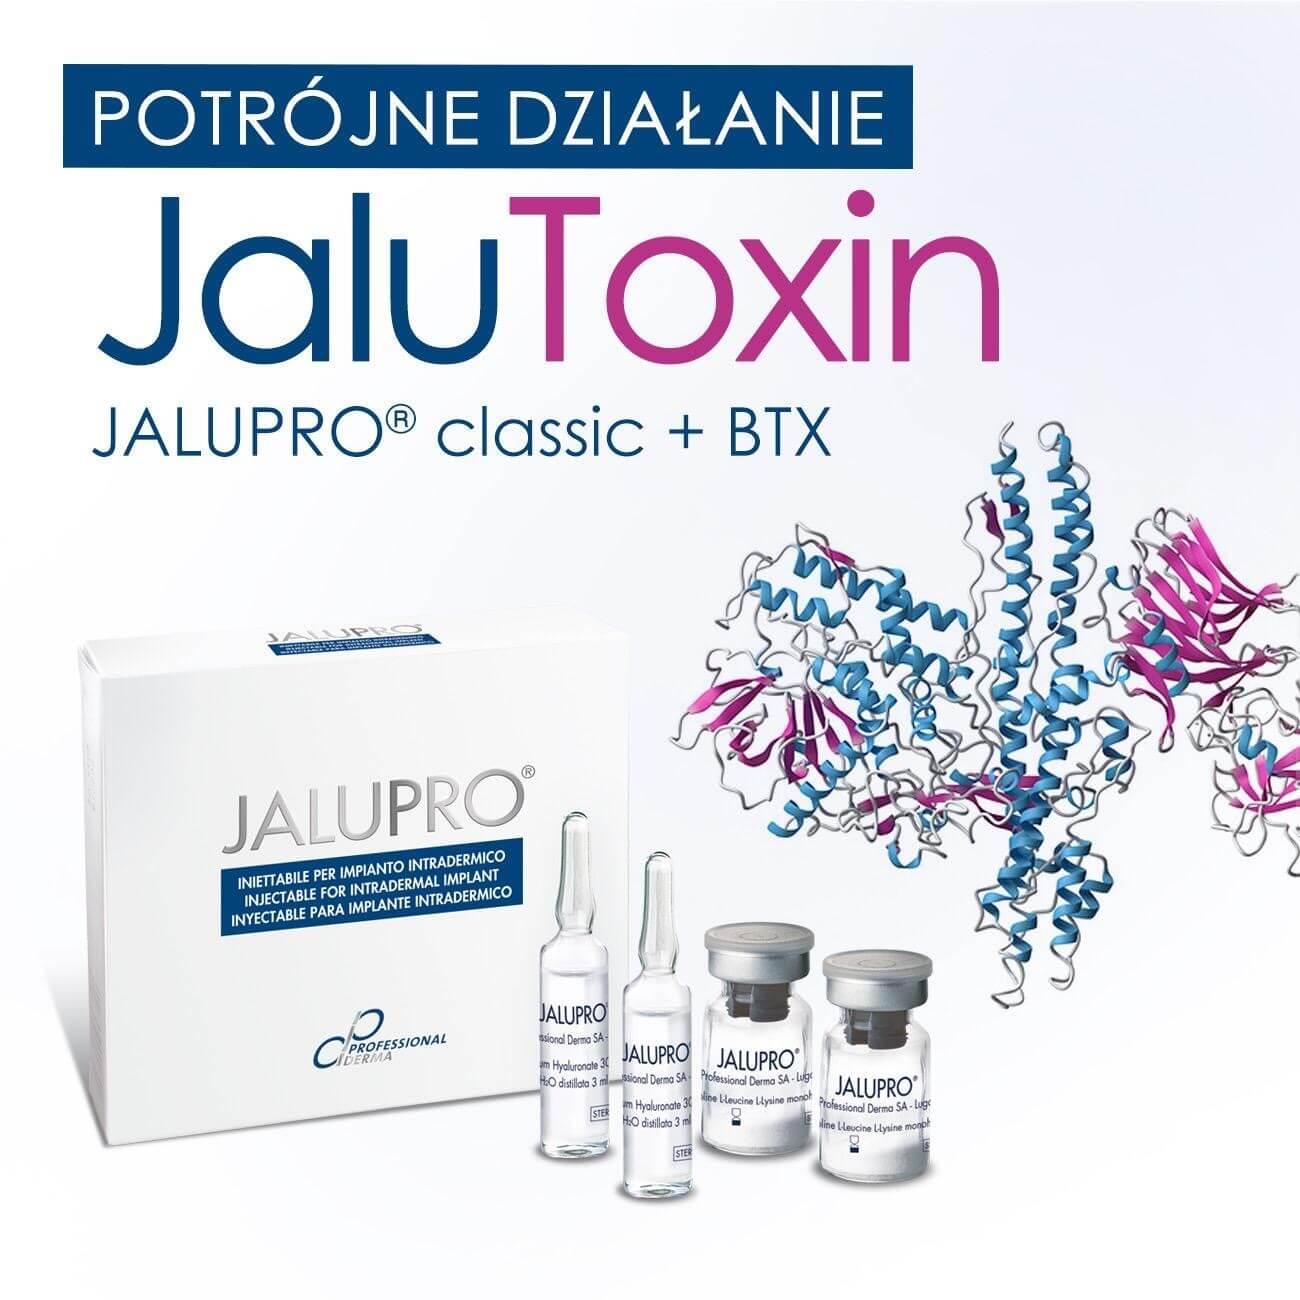 JaluToxin Warszawa potrójne działanie aminokwasy toksyna botulinowa